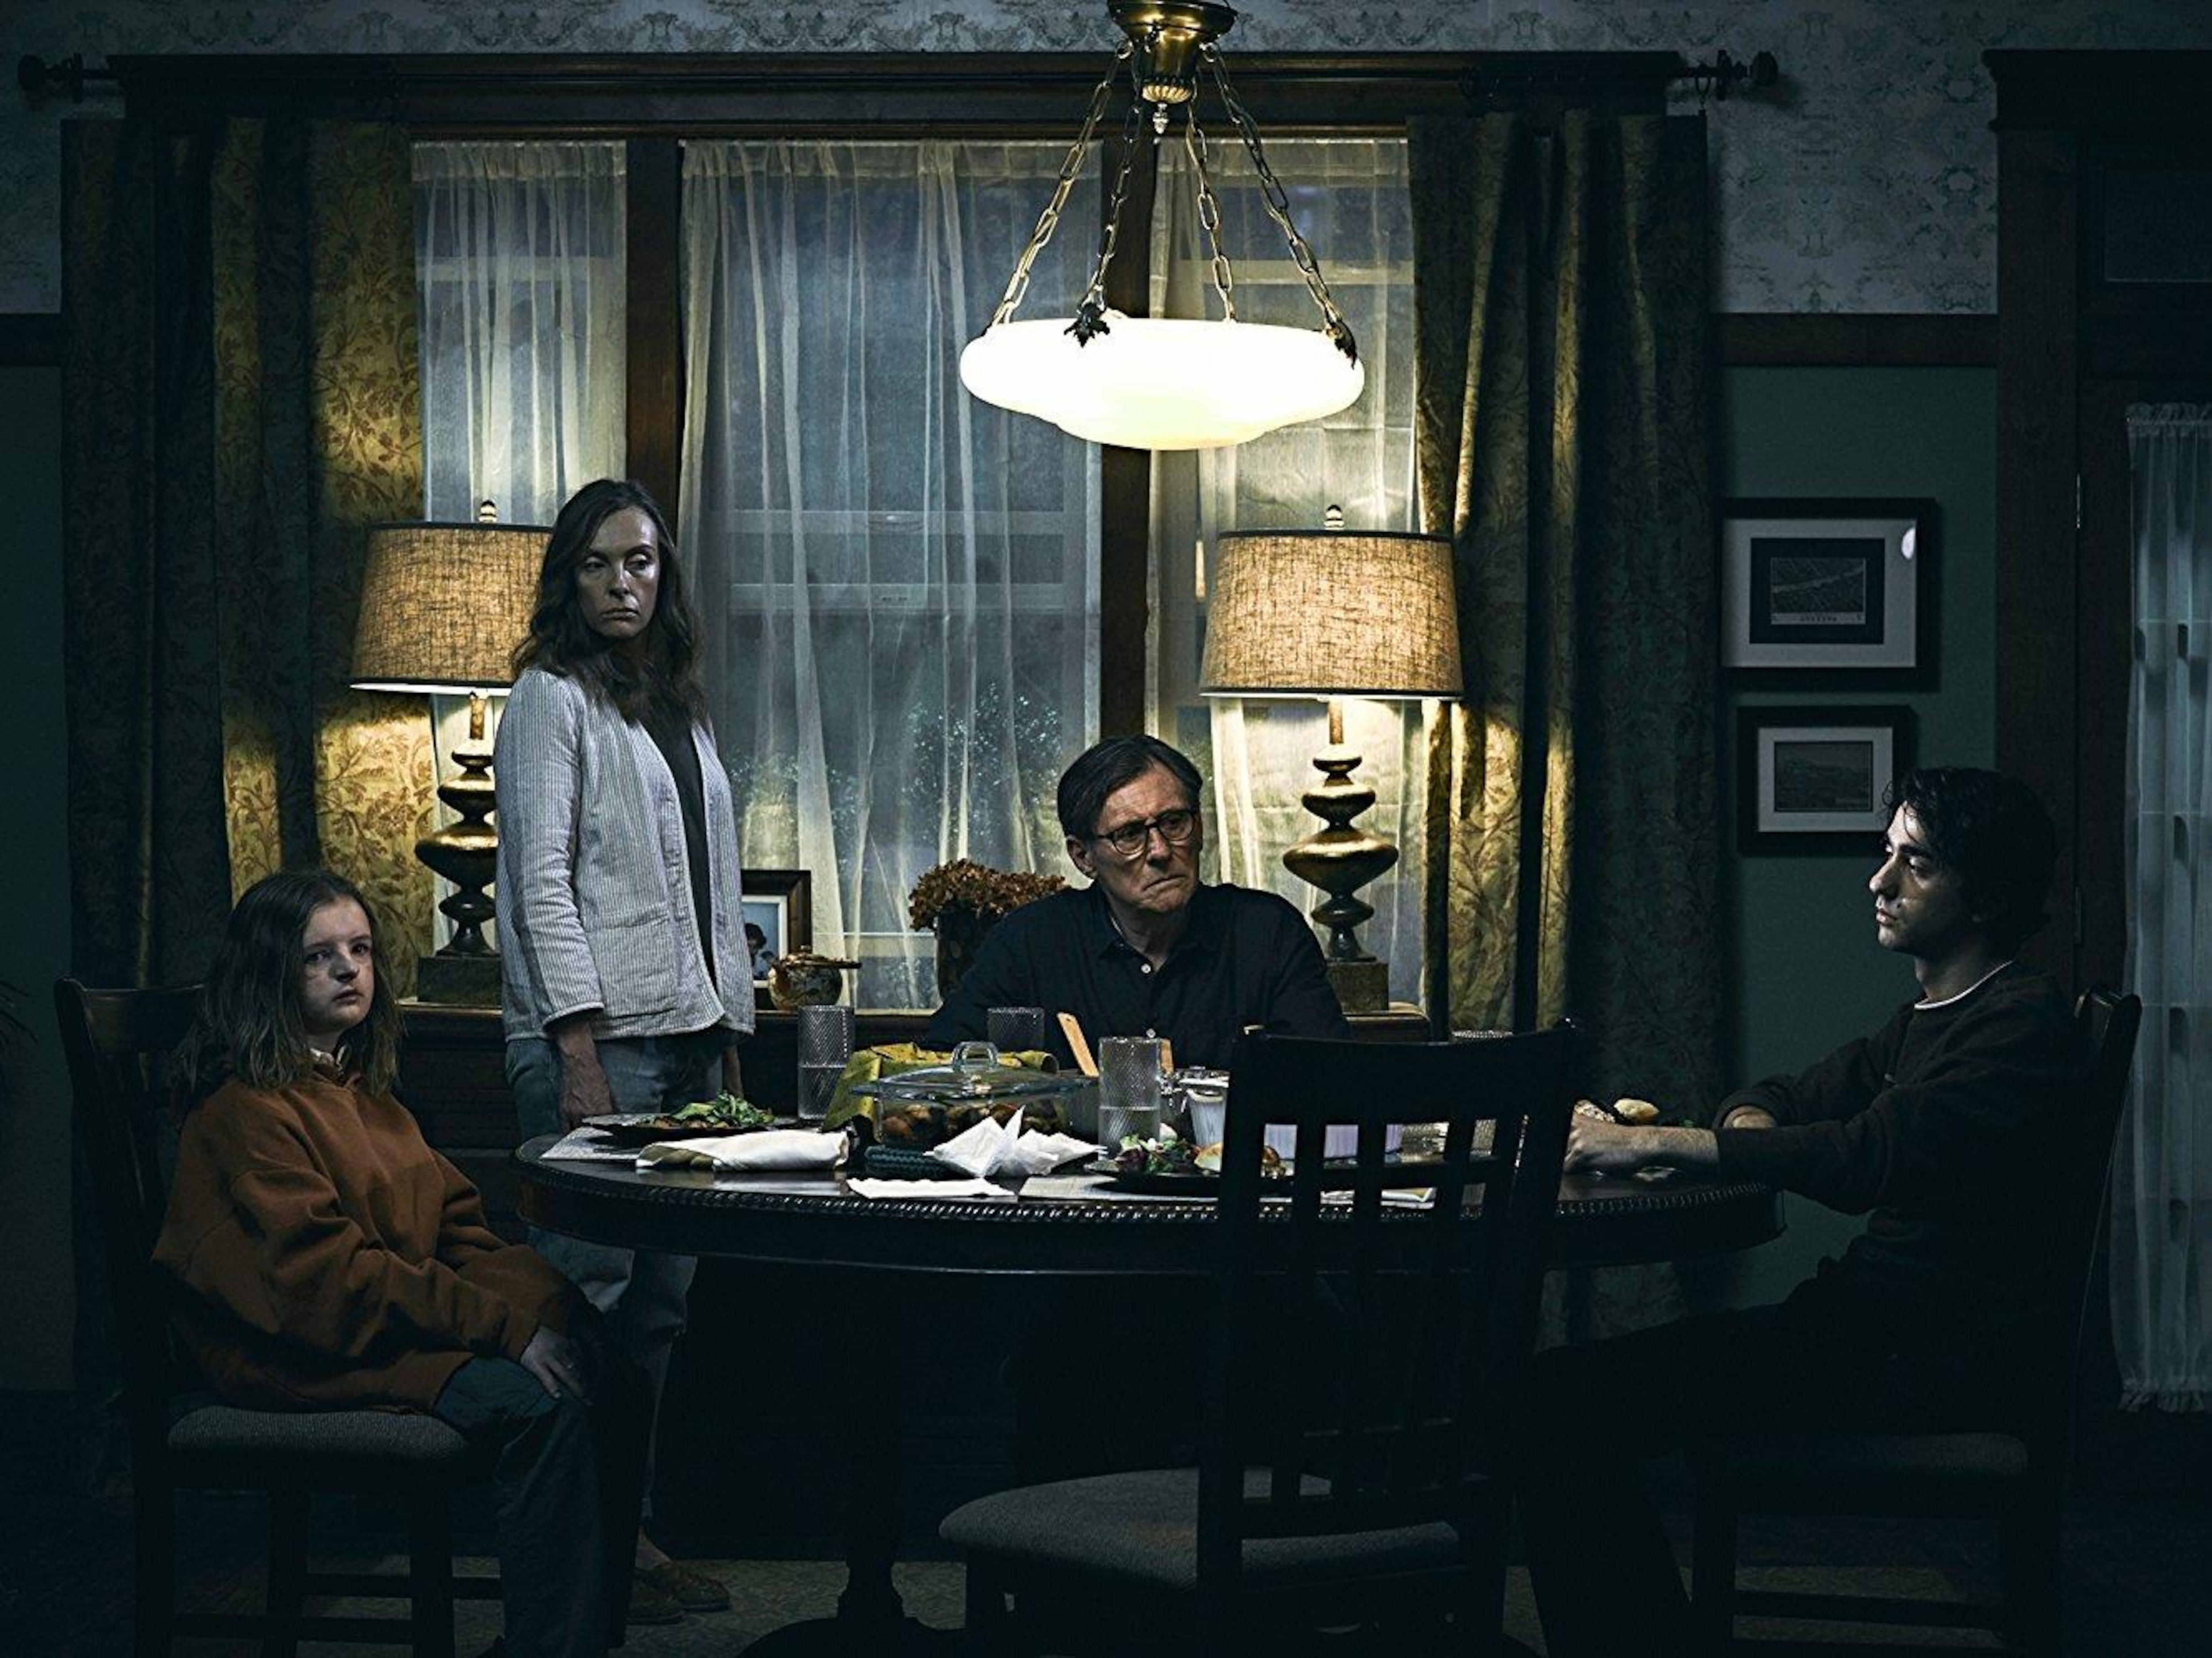 Deux enfants et un homme sont assis à une table ronde pendant qu'une femme se tient debout.